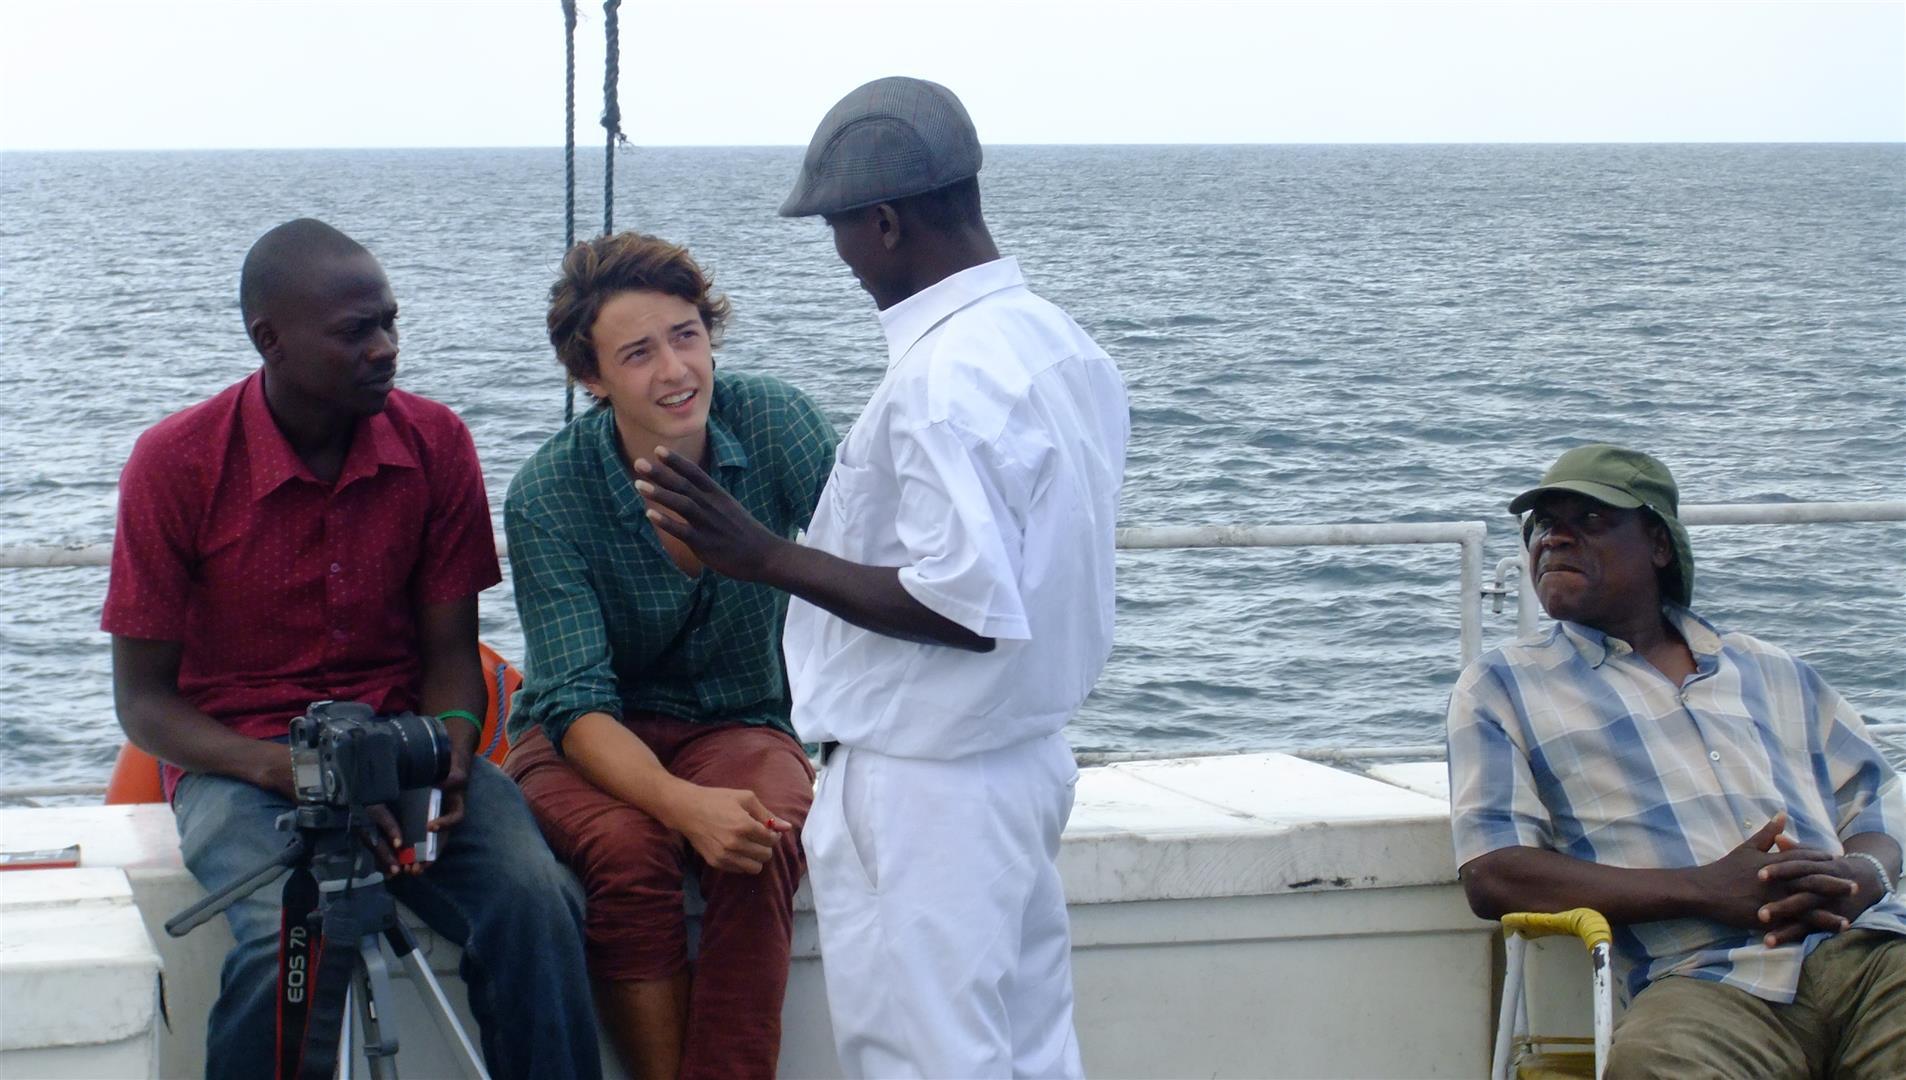 Ein Teil des Films entstand auf dem Malawi-See, genauer auf der Ilala, die Fähre auf der Masina arbeitet und die Lebenswichtig ist für viele Inselbewohner.